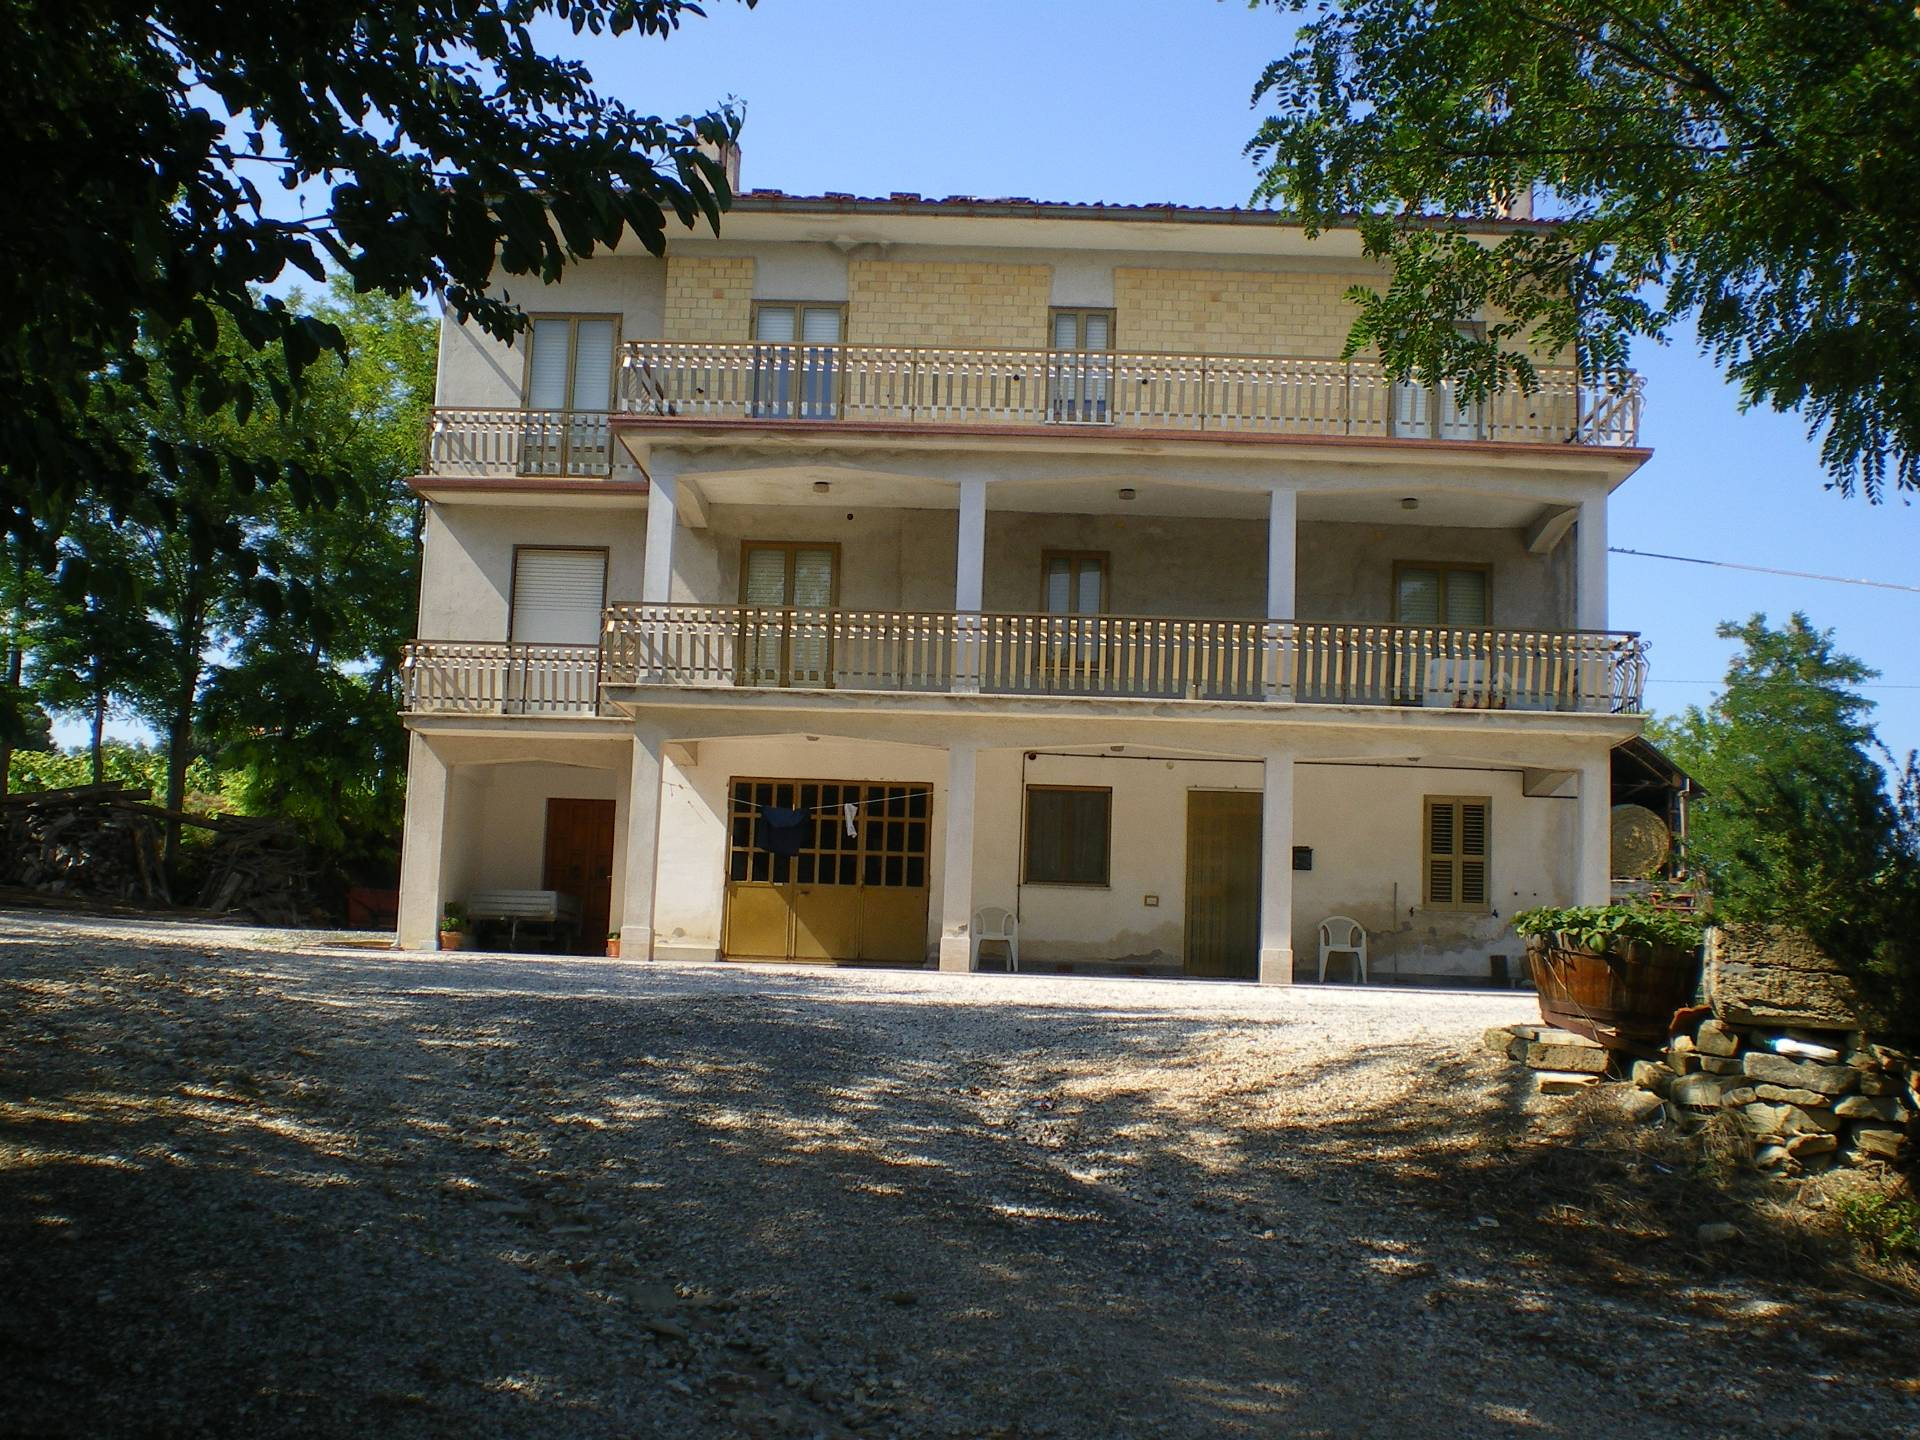 Soluzione Indipendente in vendita a Falerone, 12 locali, prezzo € 380.000 | CambioCasa.it